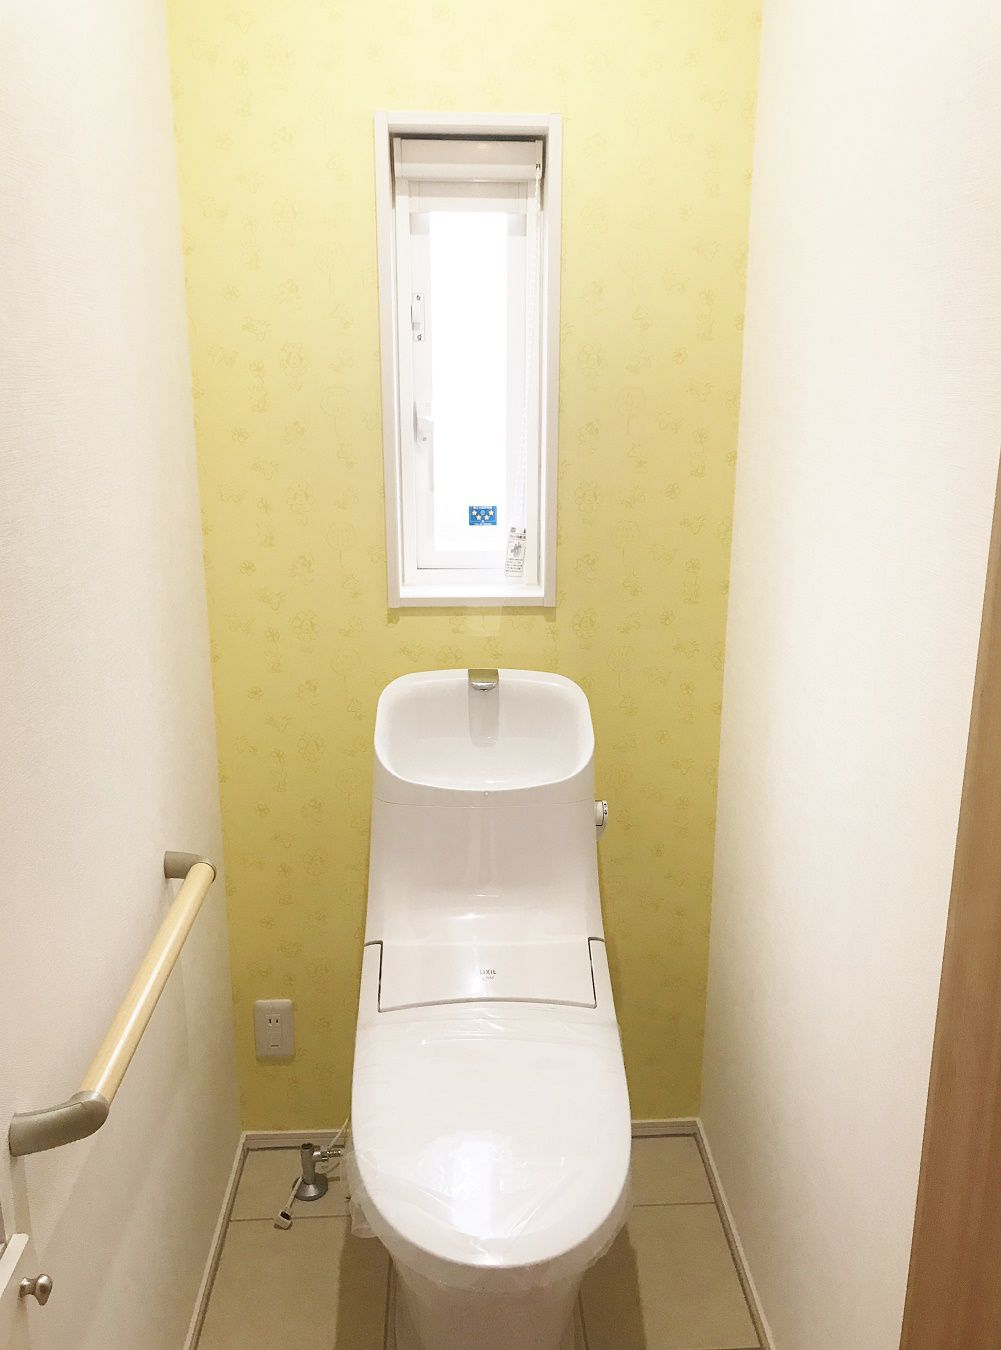 キッチンのシンク中も黄色でしたが、トイレの壁紙も黄色をチョイス。水廻りを黄色にすると、明るさや清潔感があって、運気もあがりそうですね!